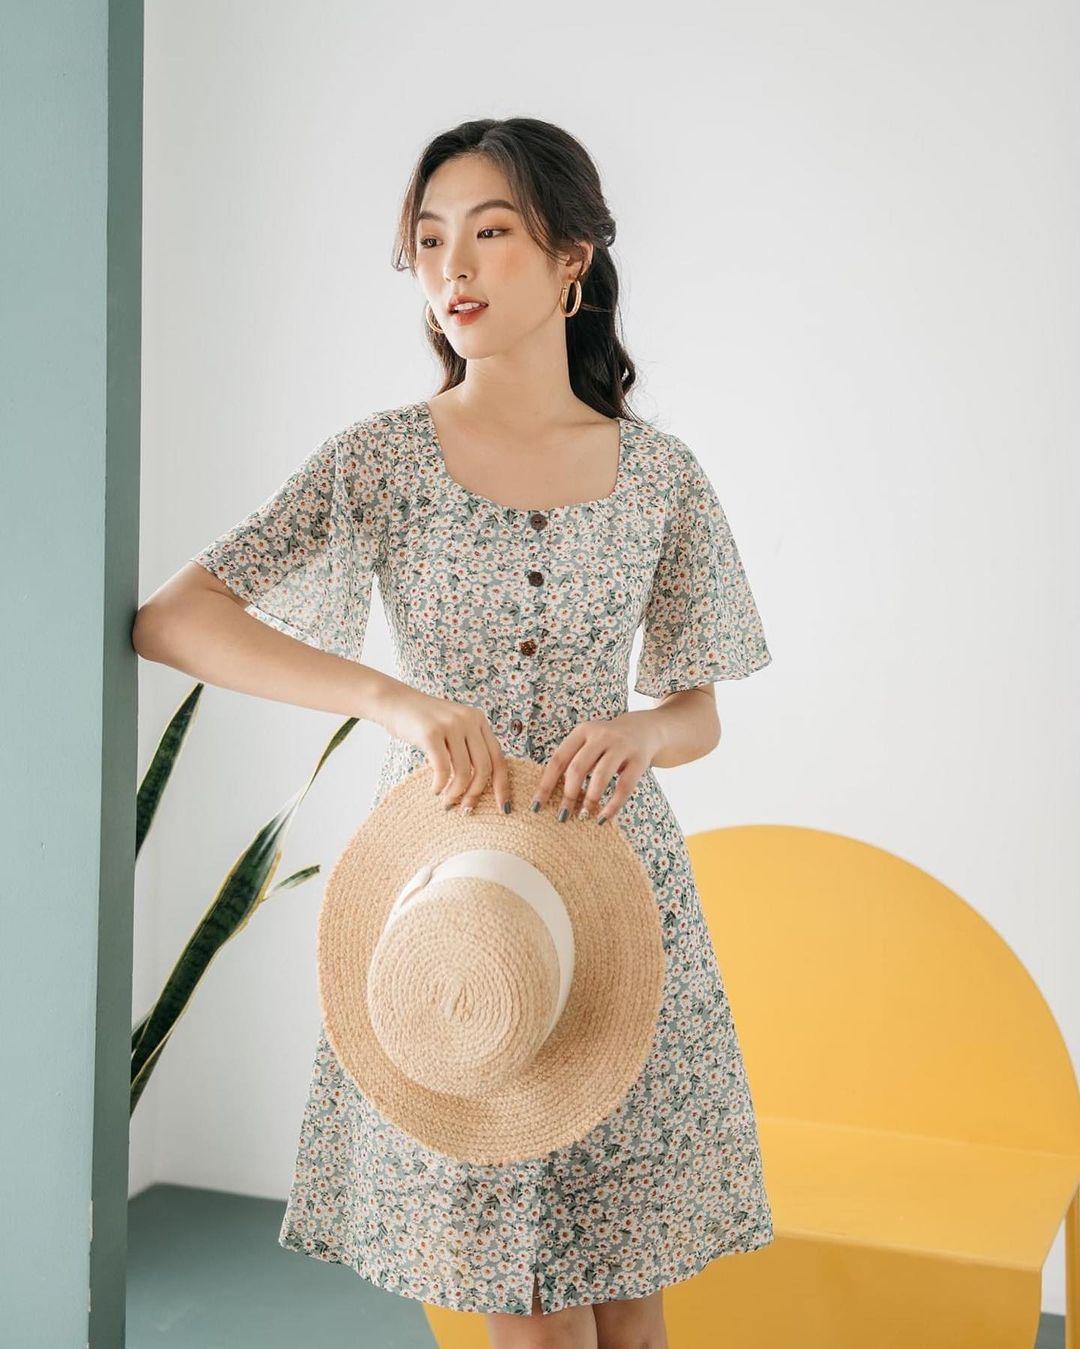 Thiều Bảo Trâm diện váy hoa xinh mê ly, bóc mác mới biết là hàng mua online chỉ 265k - Ảnh 7.